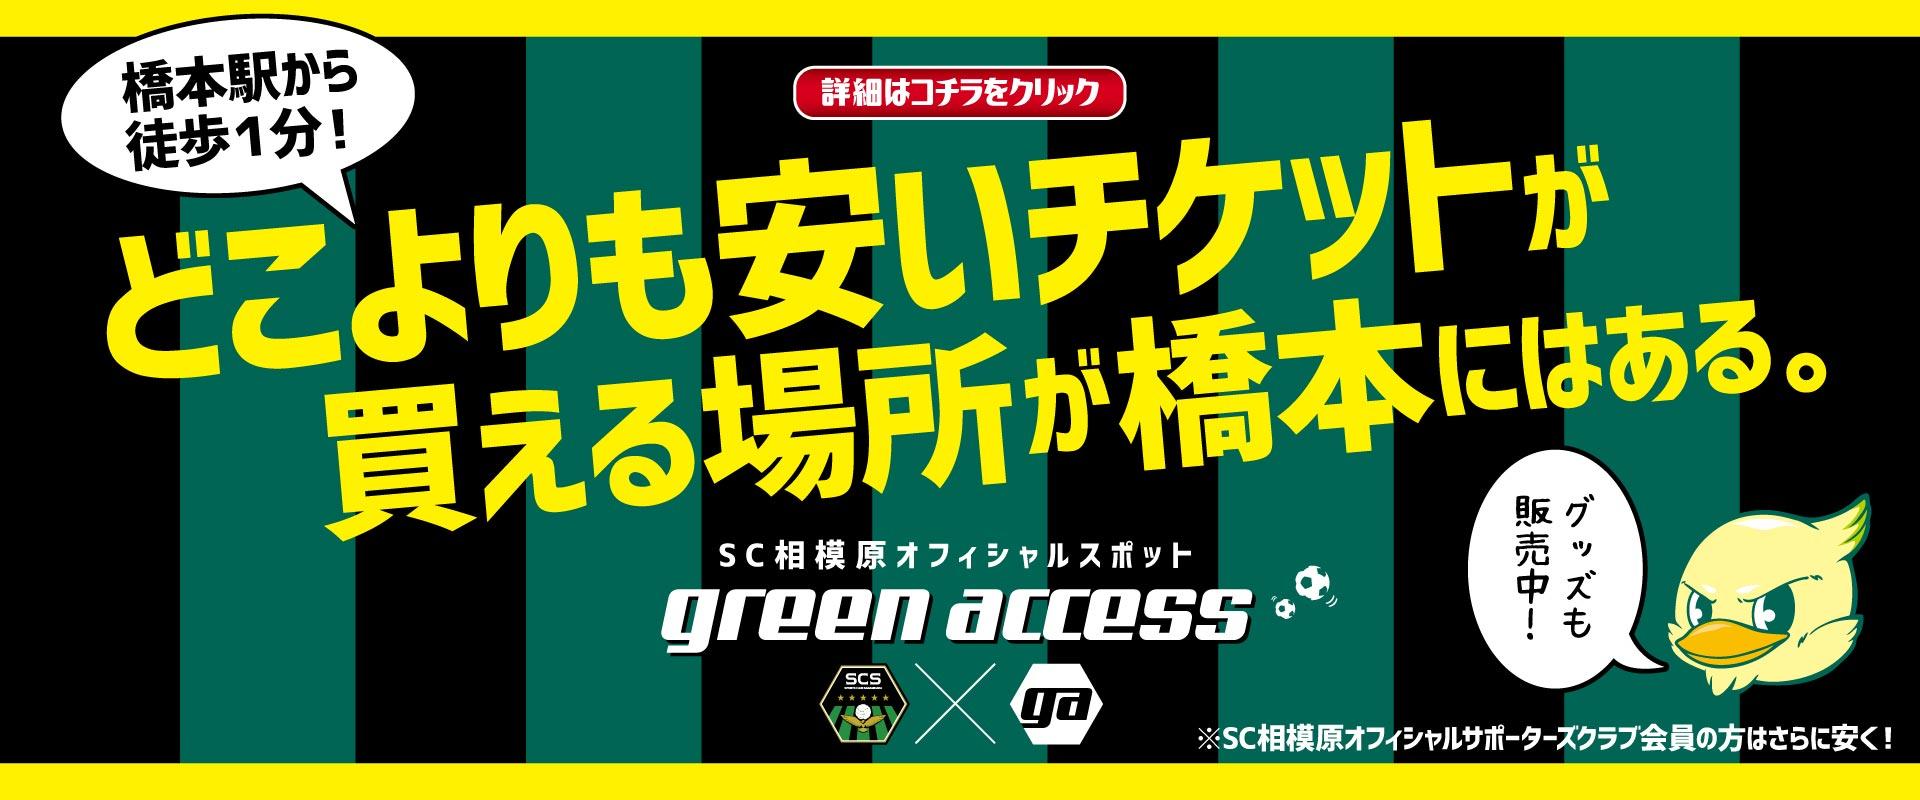 グリーンアクセス告知.jpg